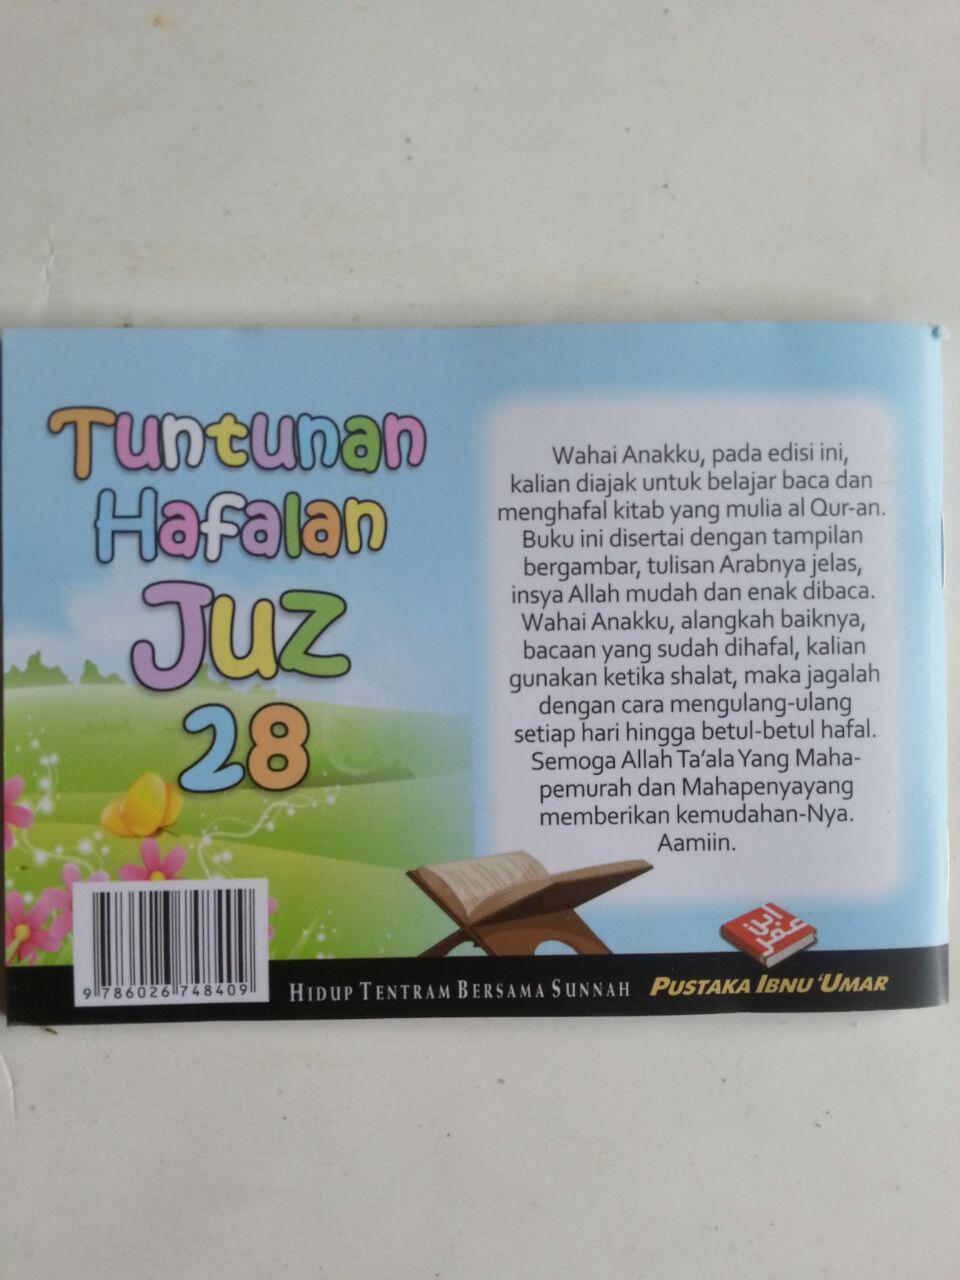 Buku Anak Tuntunan Hafalan Juz 28 Berwarna Bergambar Mudah Jelas cover